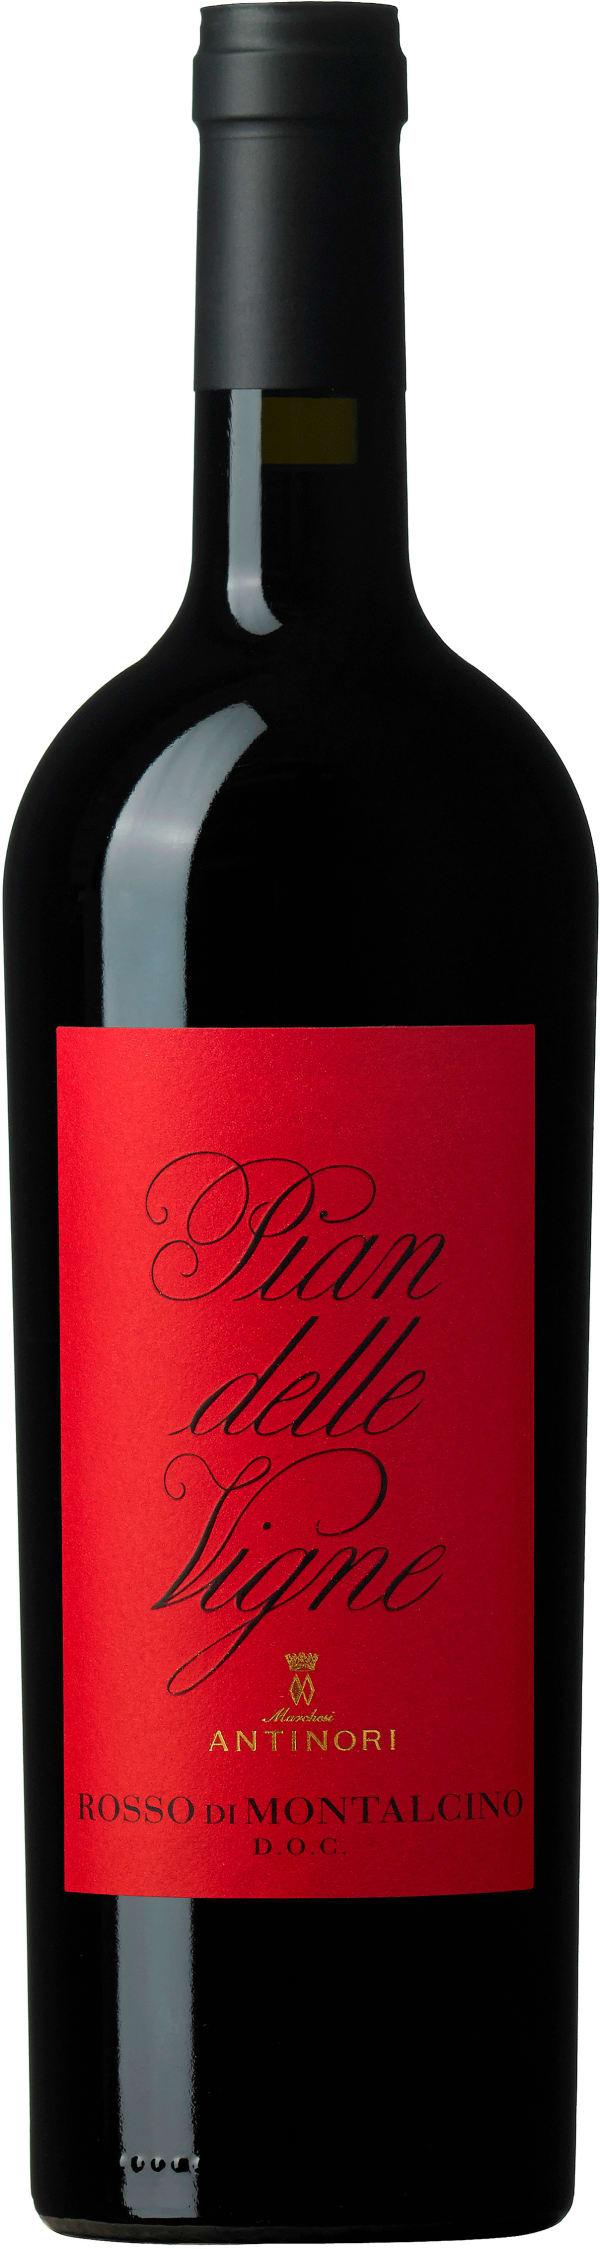 Antinori Pian delle Vigne Rosso di Montalcino 2015